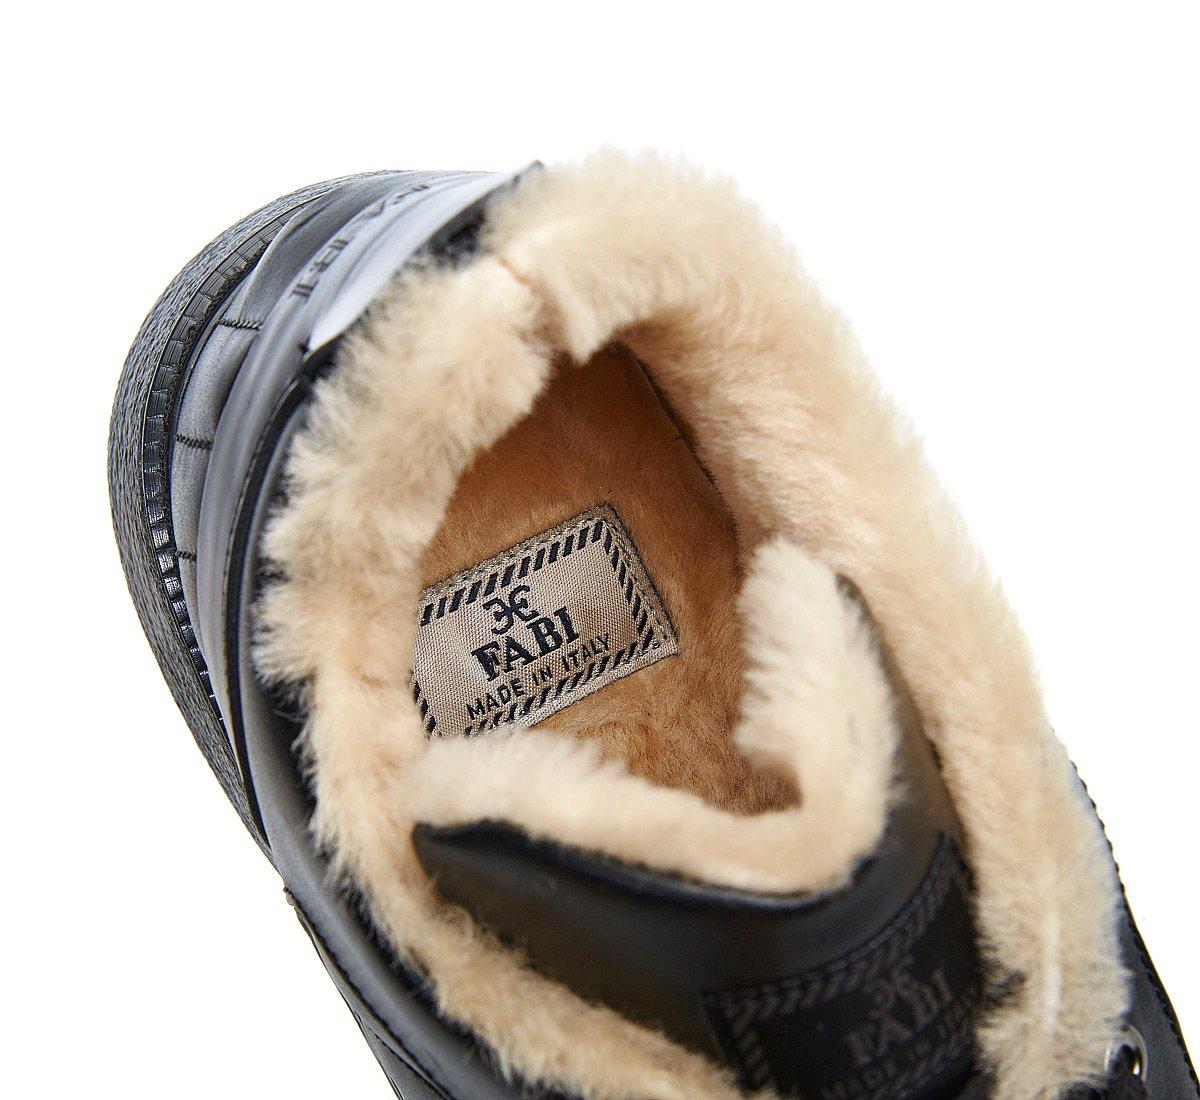 modello fabi seattle sneakers invernali